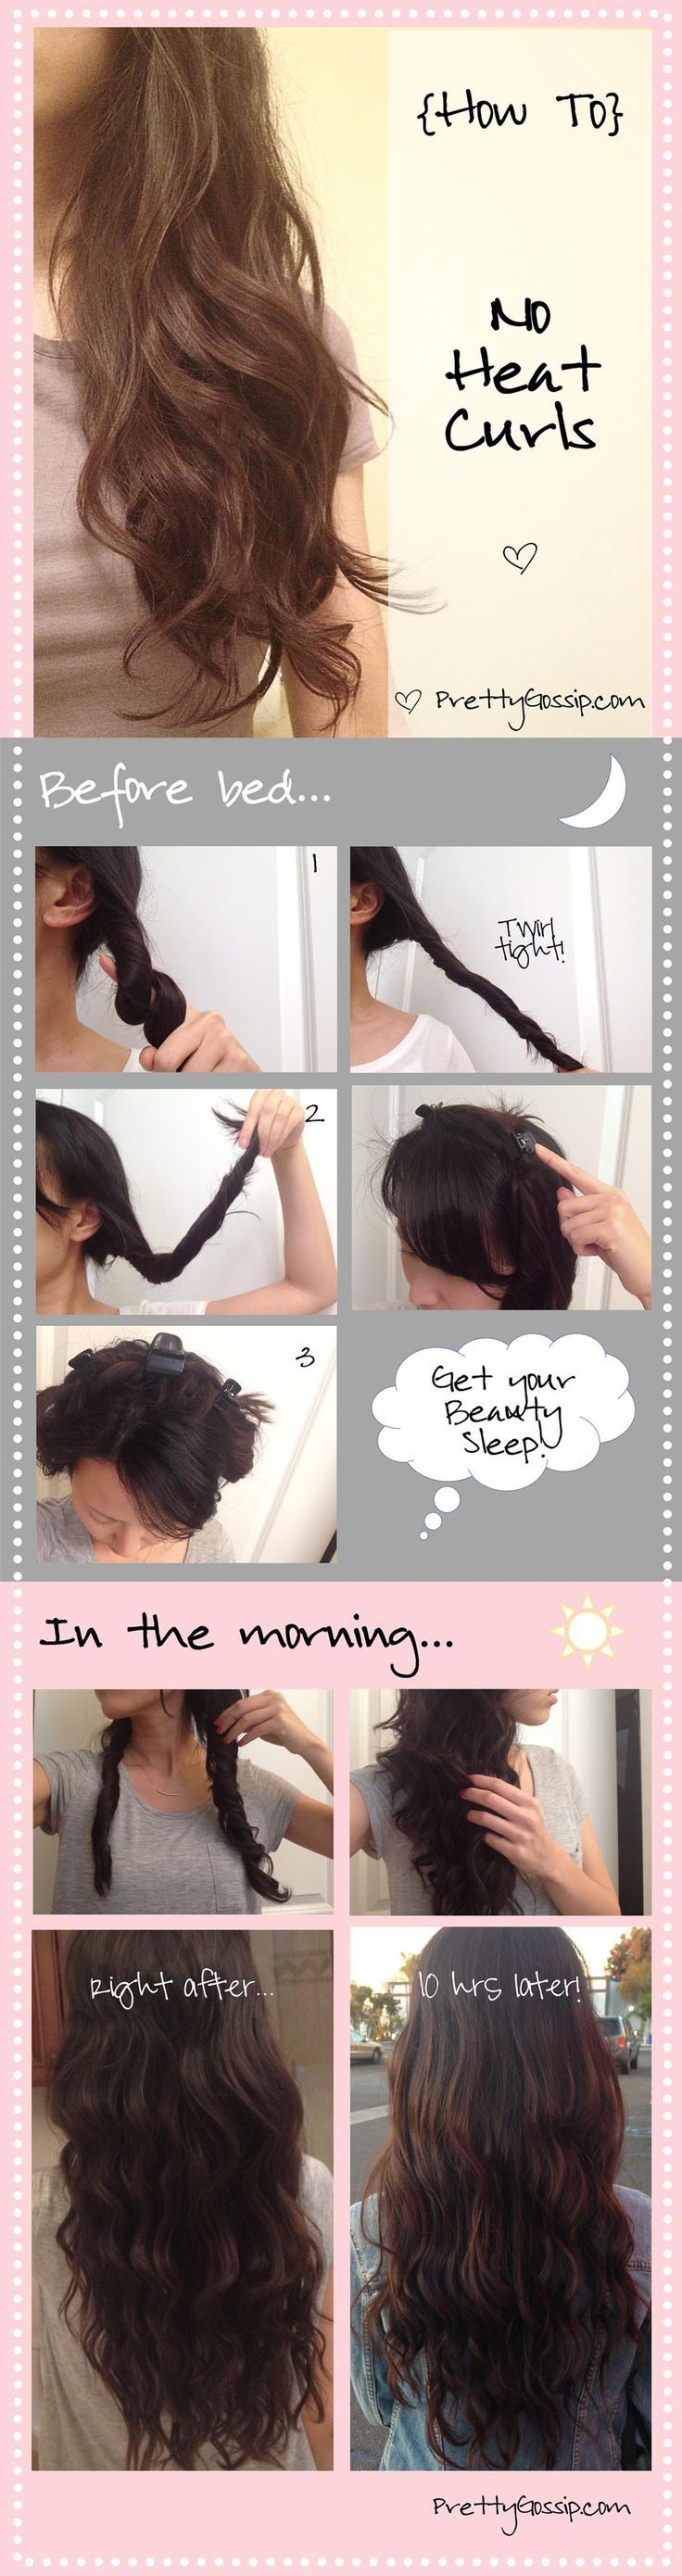 Alla vill ha härligt sommarsvall, men få har tid under morgonstressen. Jag har testat många olika metoder men vill visa er dessa två enkla sätt att locka håret om kvällarna, utan värme och slitage.…